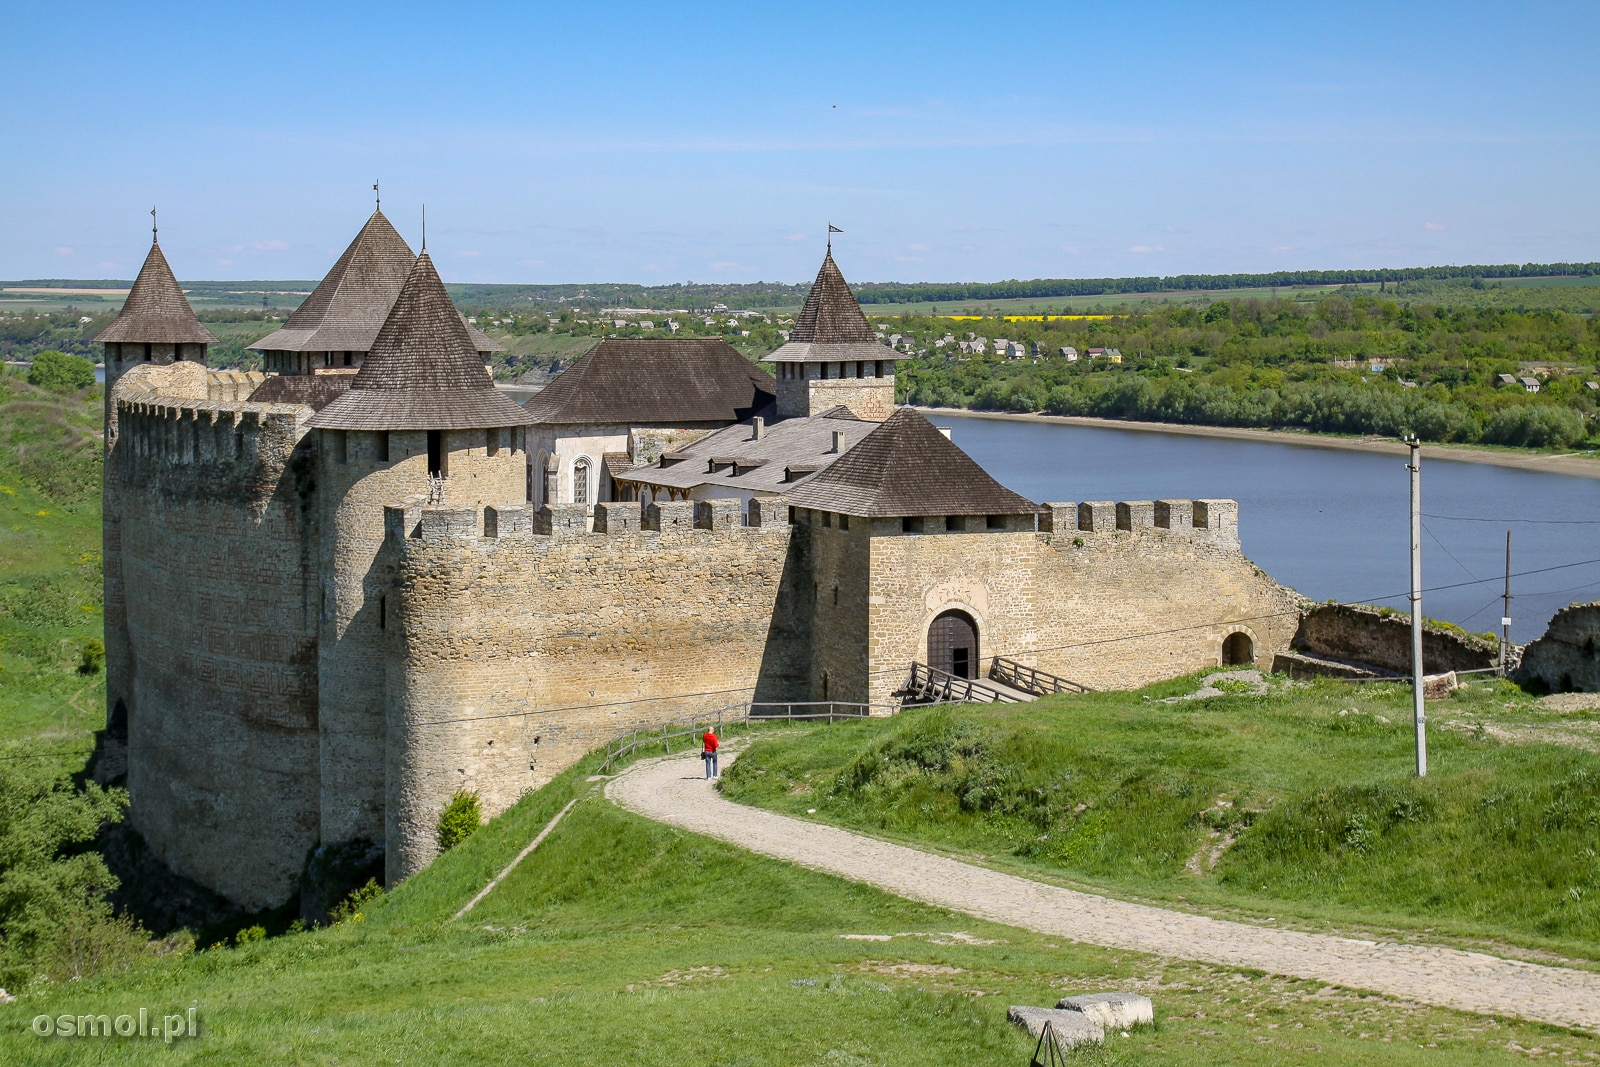 Wysokie mury zamku w całym majestacie i potędze widać dopiero z bliska, bo zamek stoi w zagłębieniu tuż przy rzece.